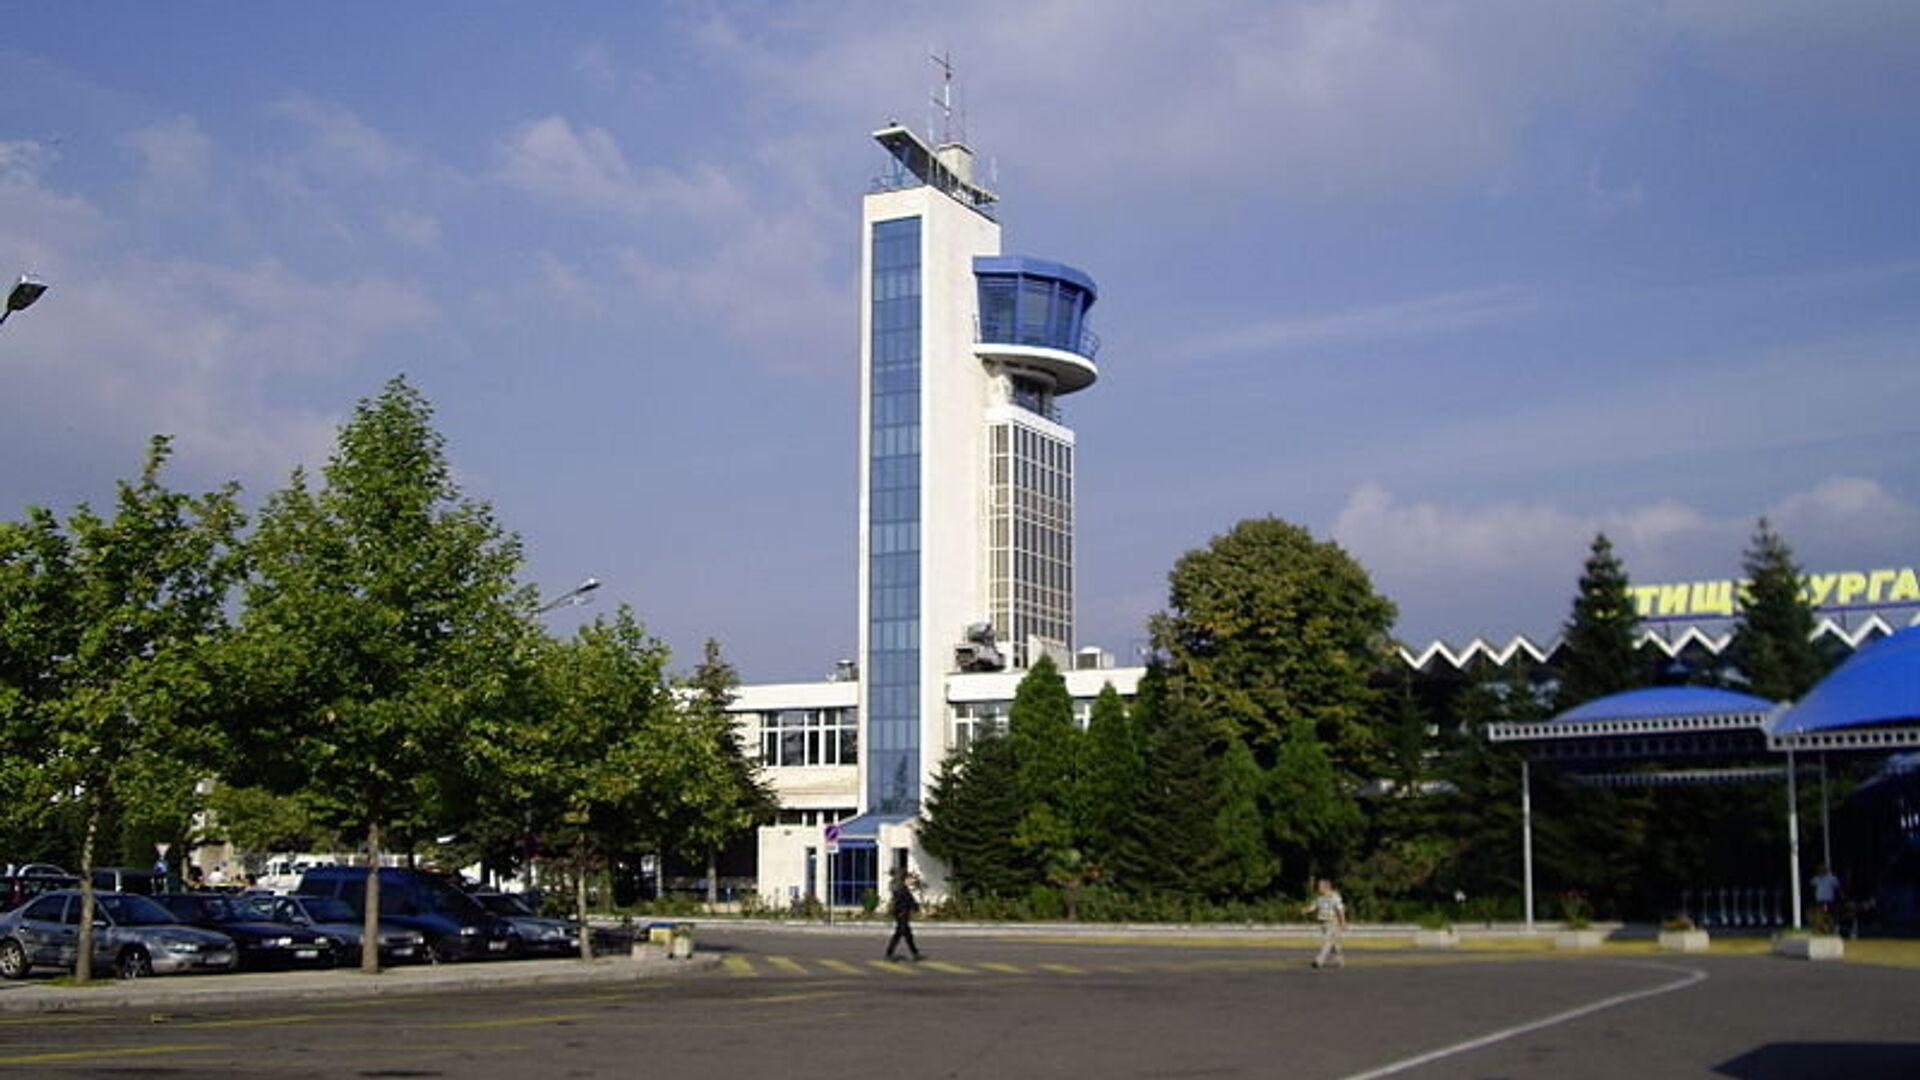 Аэропорт болгарского города Бургас  - РИА Новости, 1920, 05.07.2021